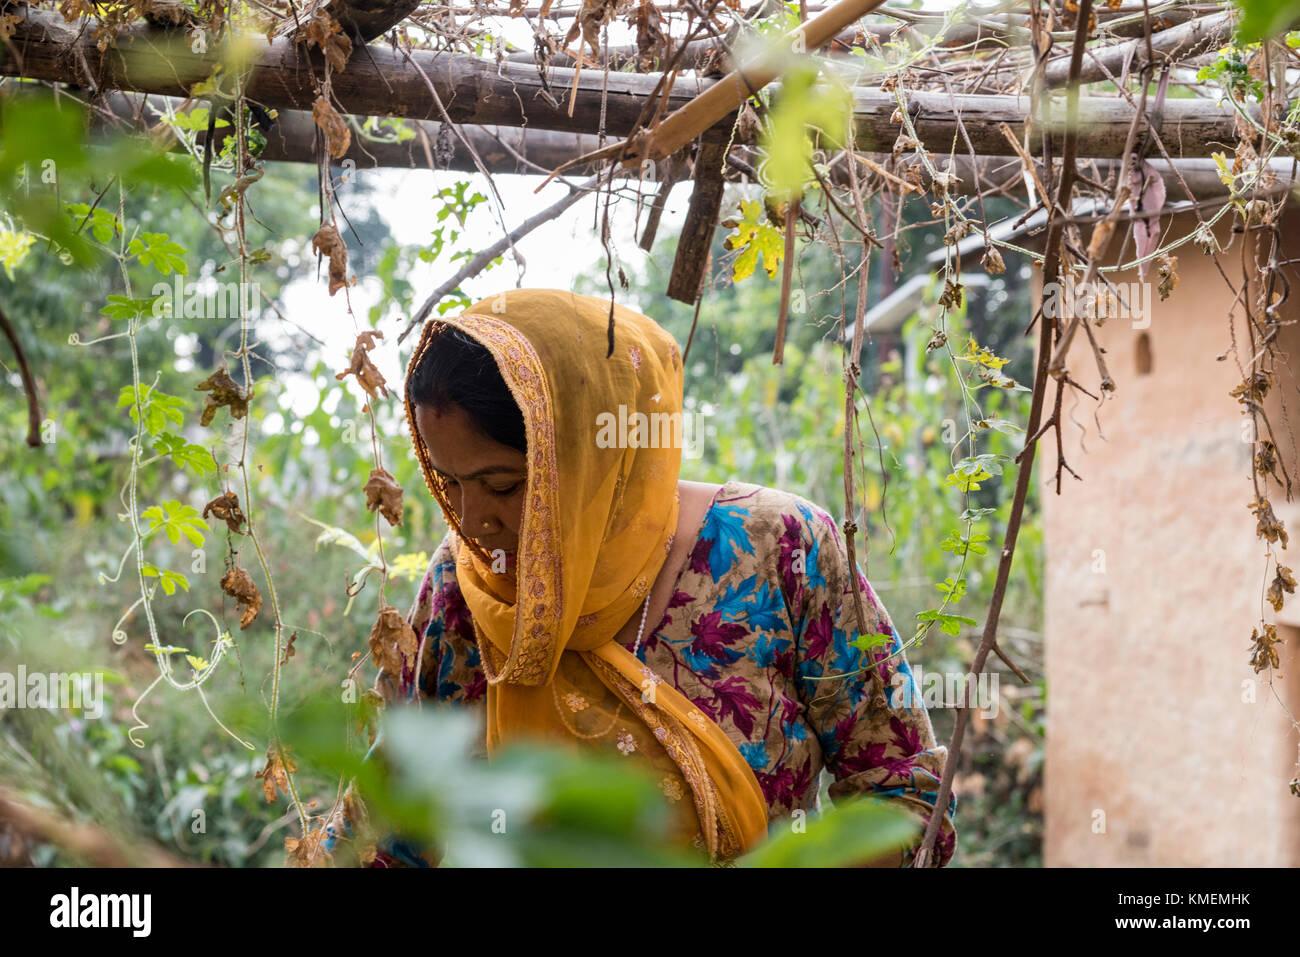 Una donna indiana in piedi in un giardino circondato da piante. Immagini Stock